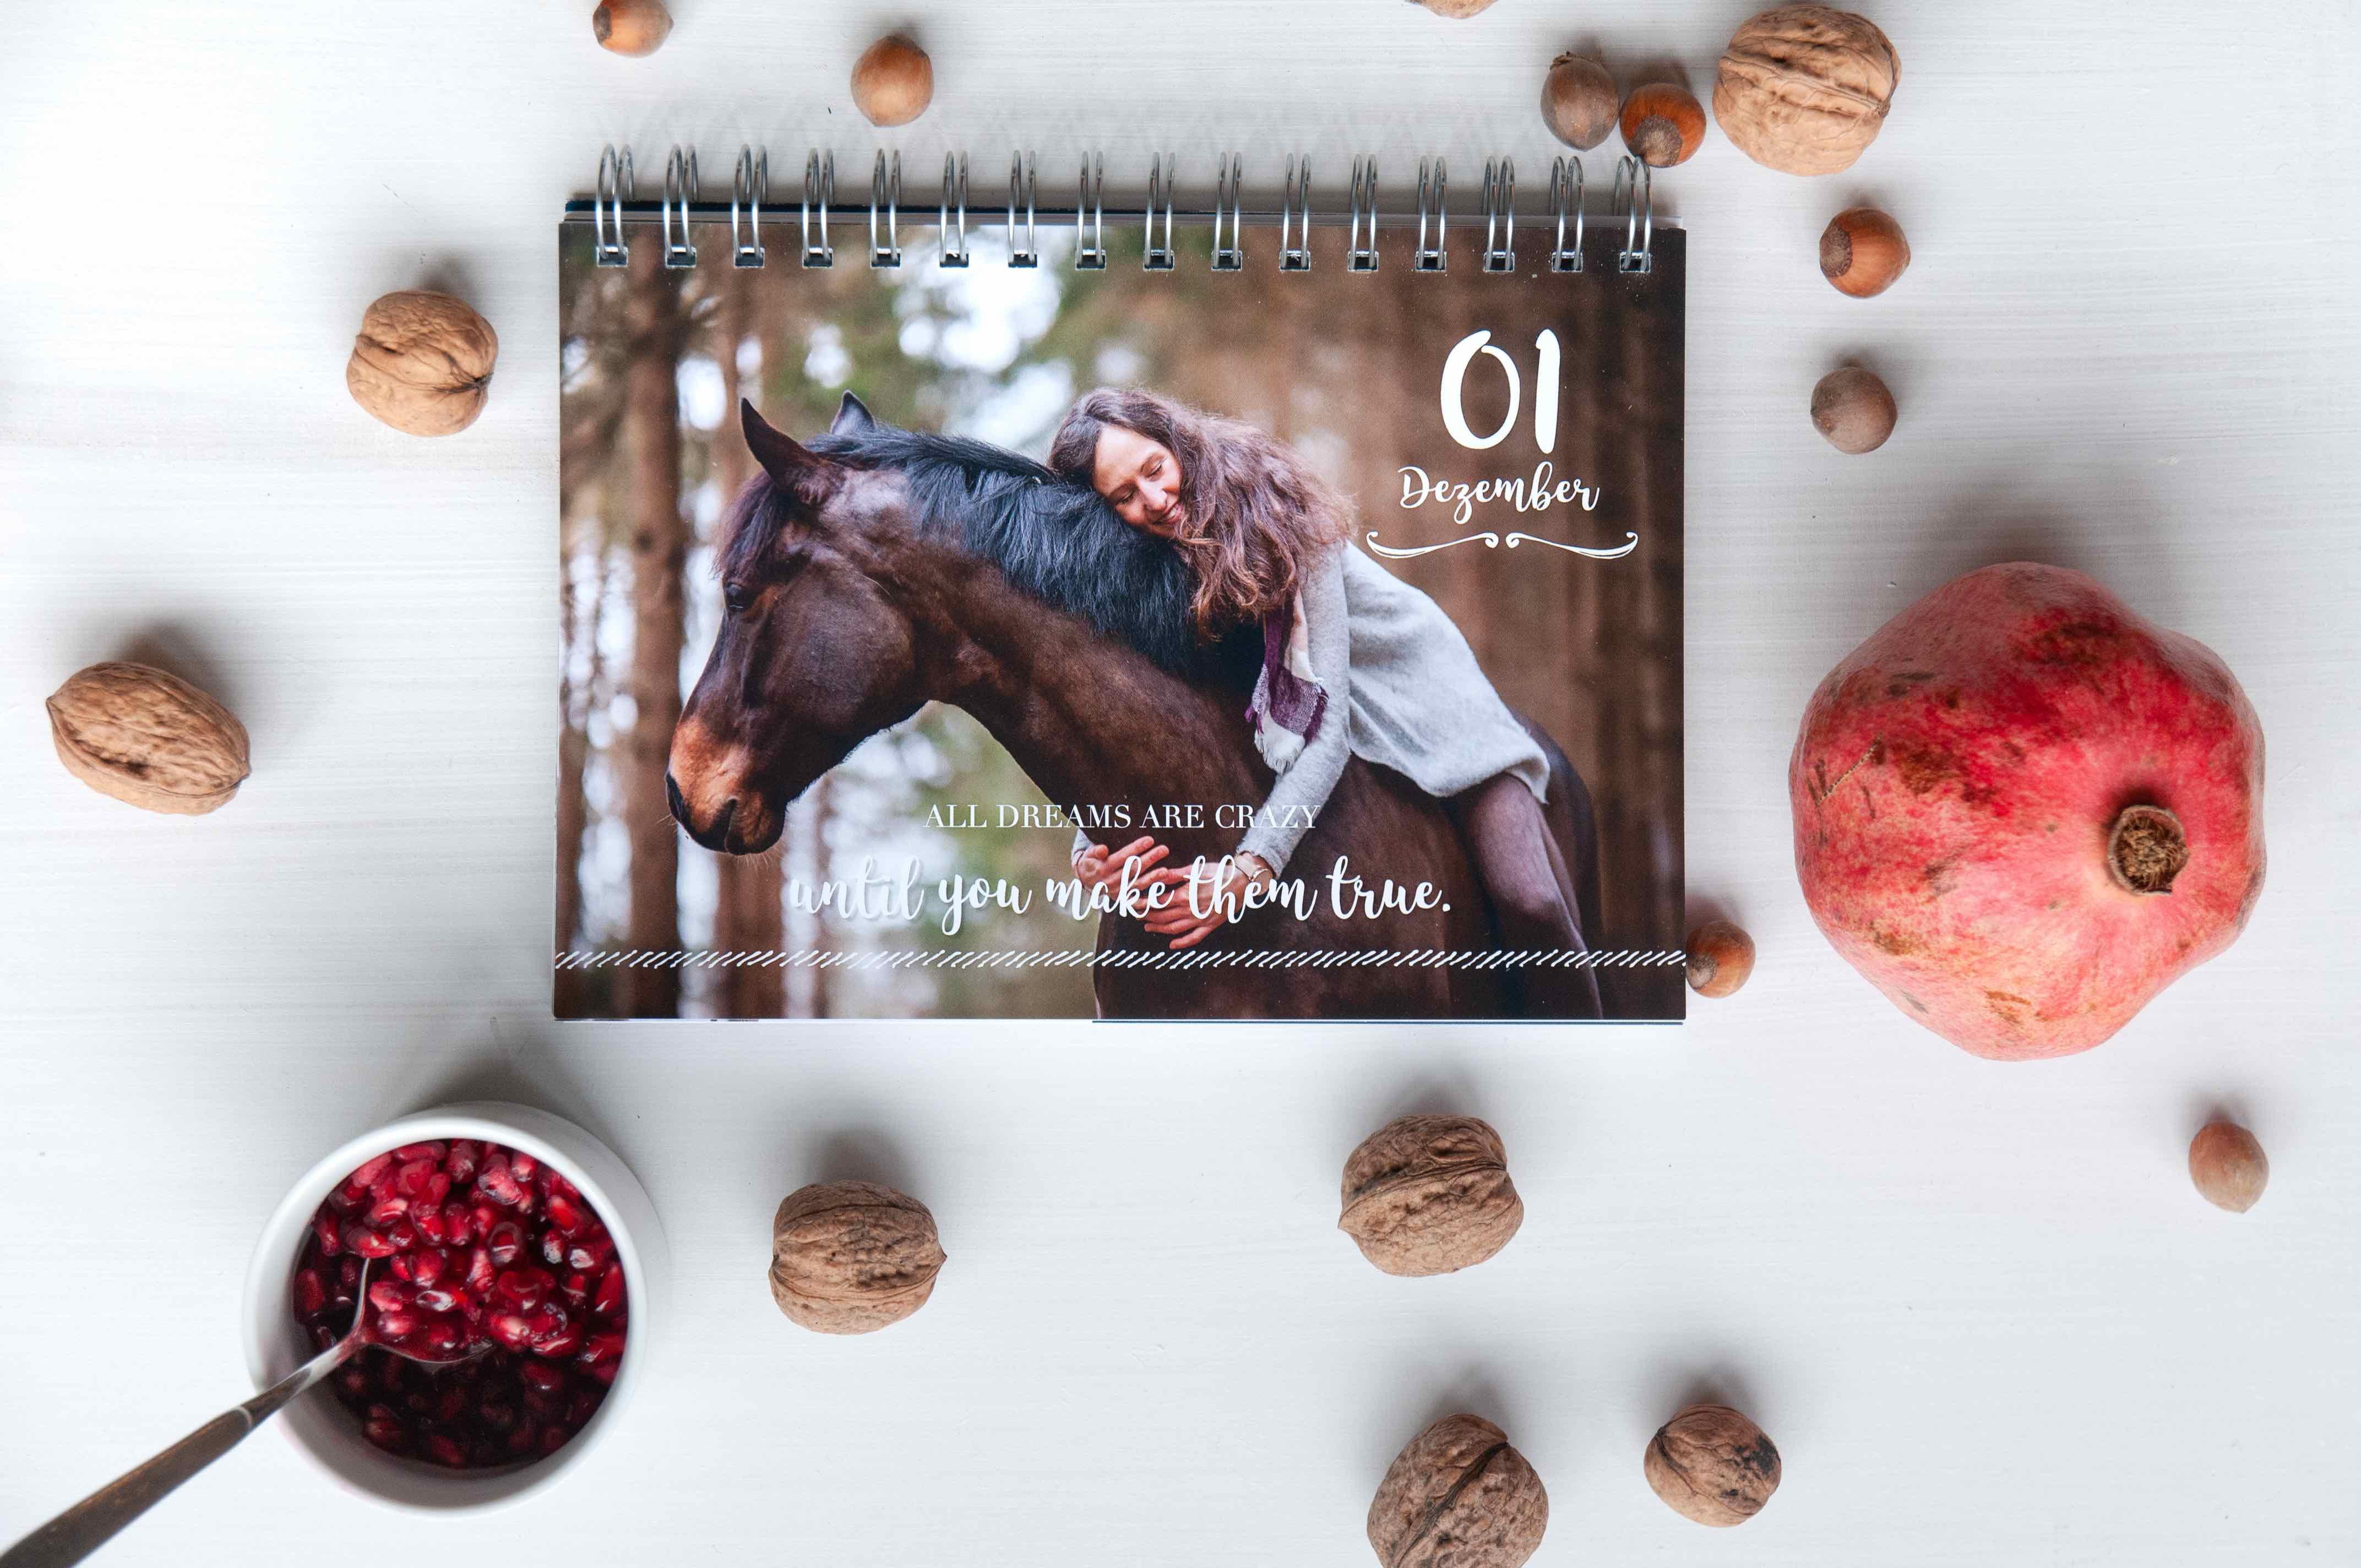 Lisa Röckener auf Valoo im Adventskalender für Pferdemenschen. Kalenderfoto: Julia Roßner. Foto: Klara Freitag